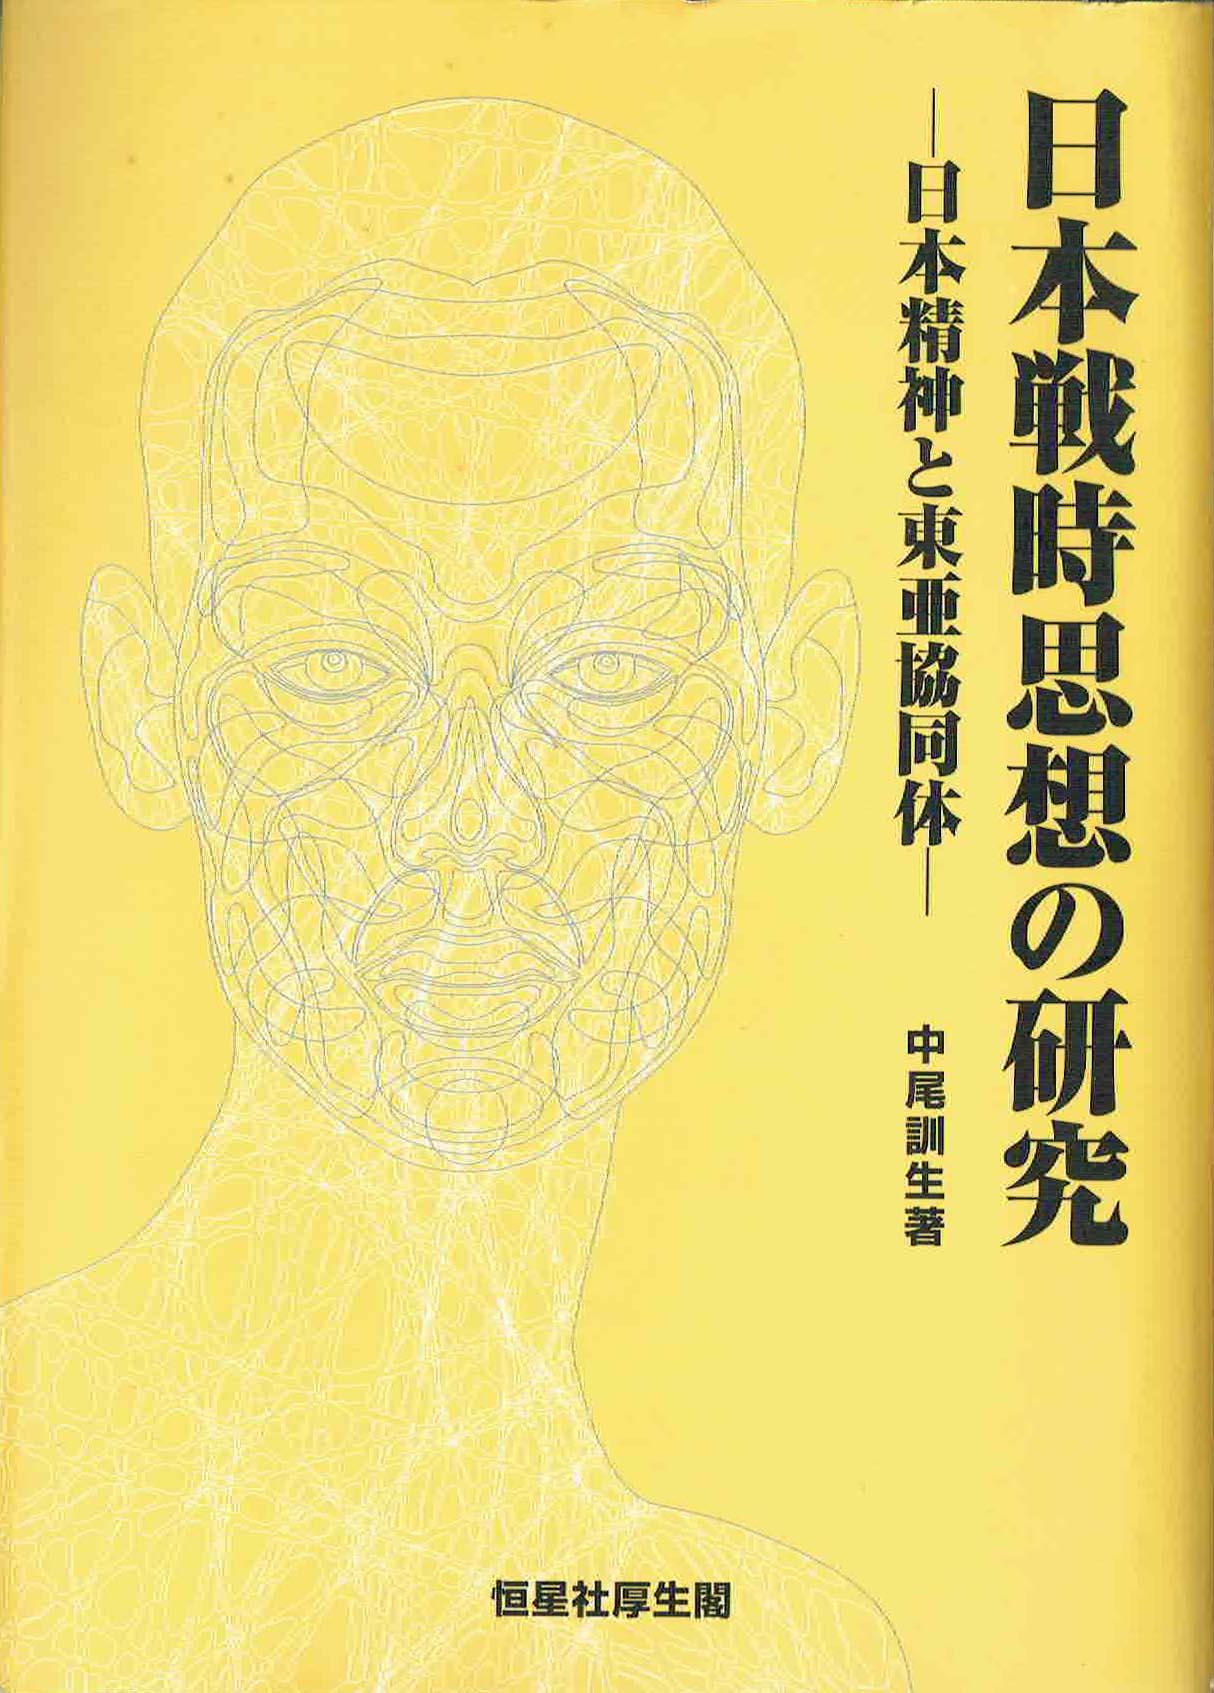 哲学心理学の古書買取なら黒崎書店